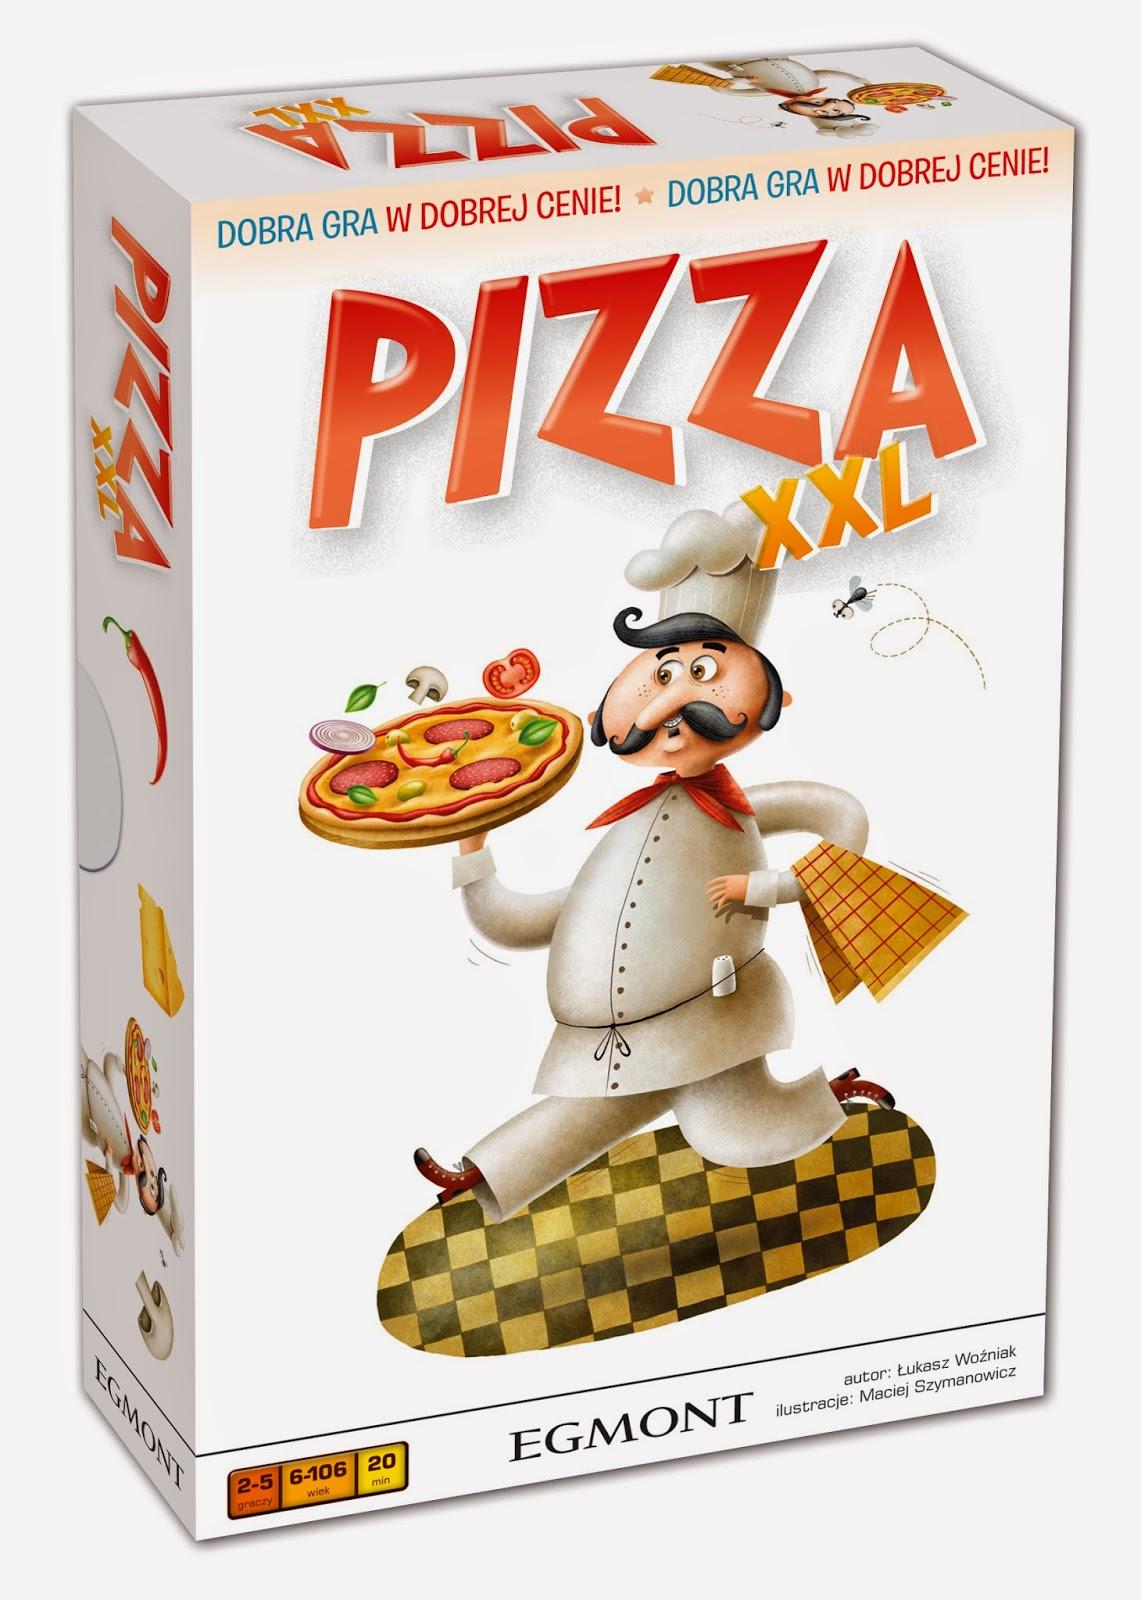 http://sklep.egmont.pl/gry-planszowe/wszystkie/p,pizza-xxl,10304.html